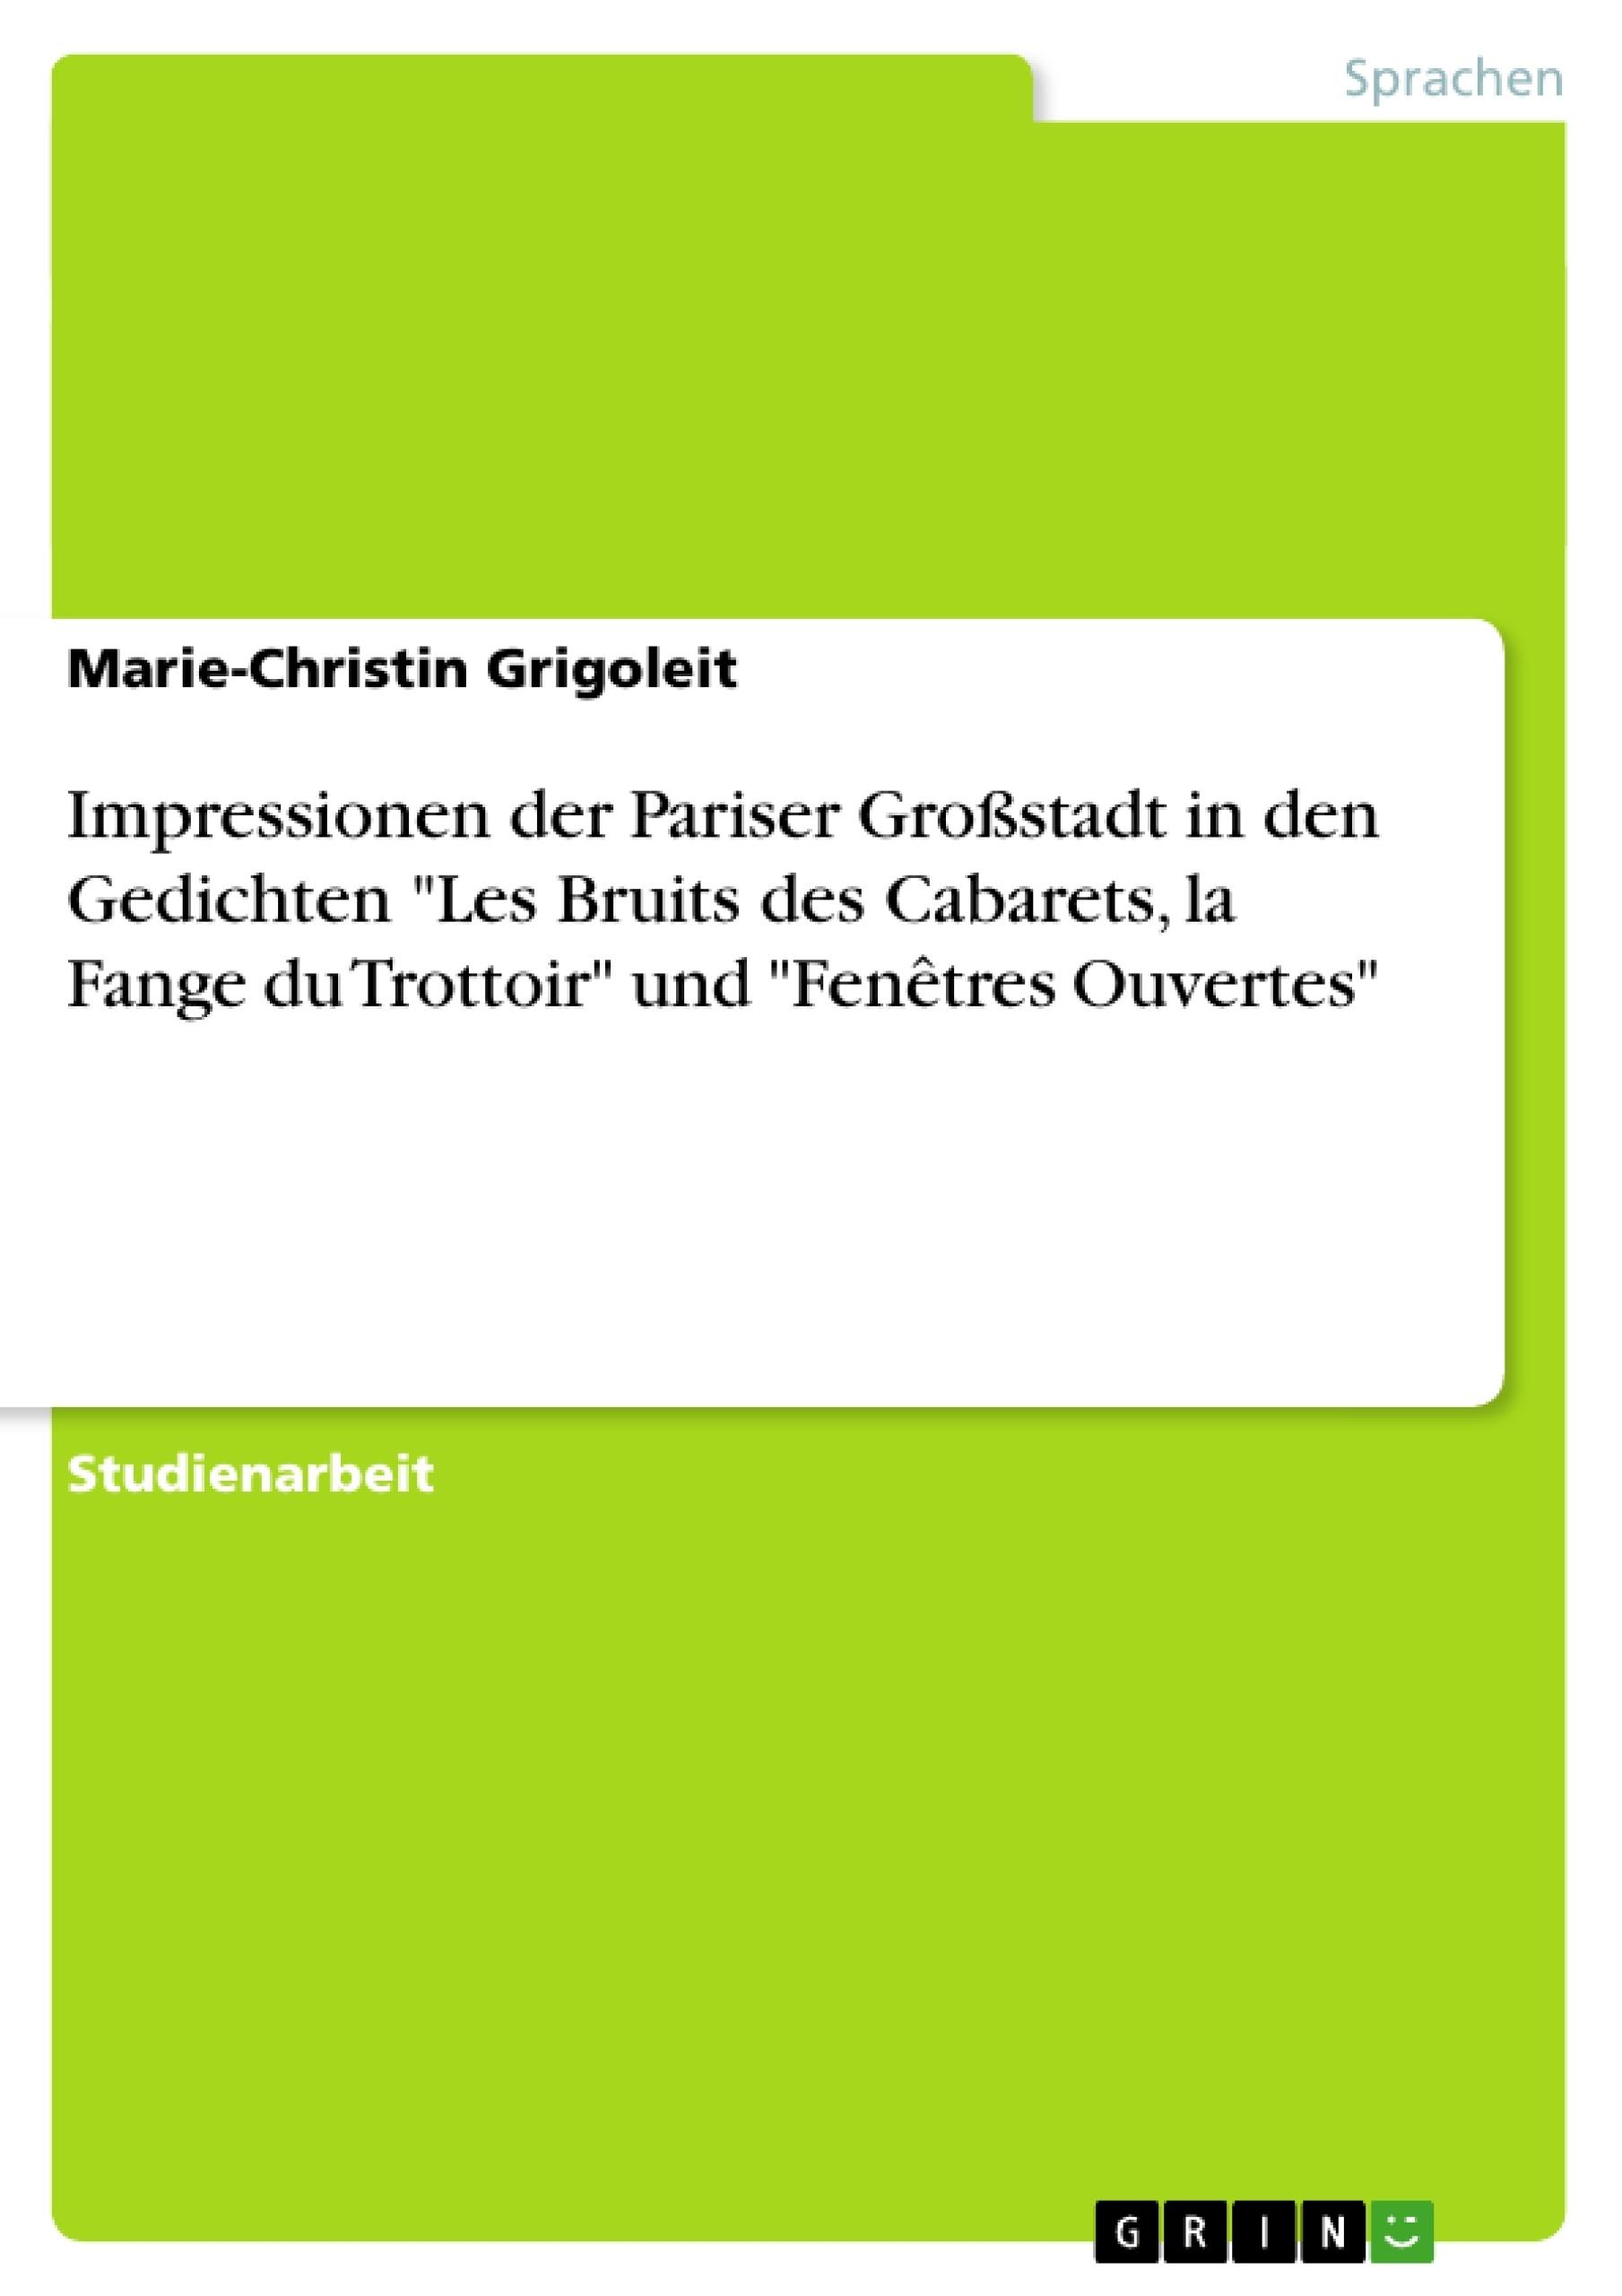 """Titel: Impressionen der Pariser Großstadt in den Gedichten """"Les Bruits des Cabarets, la Fange du Trottoir"""" und """"Fenêtres Ouvertes"""""""